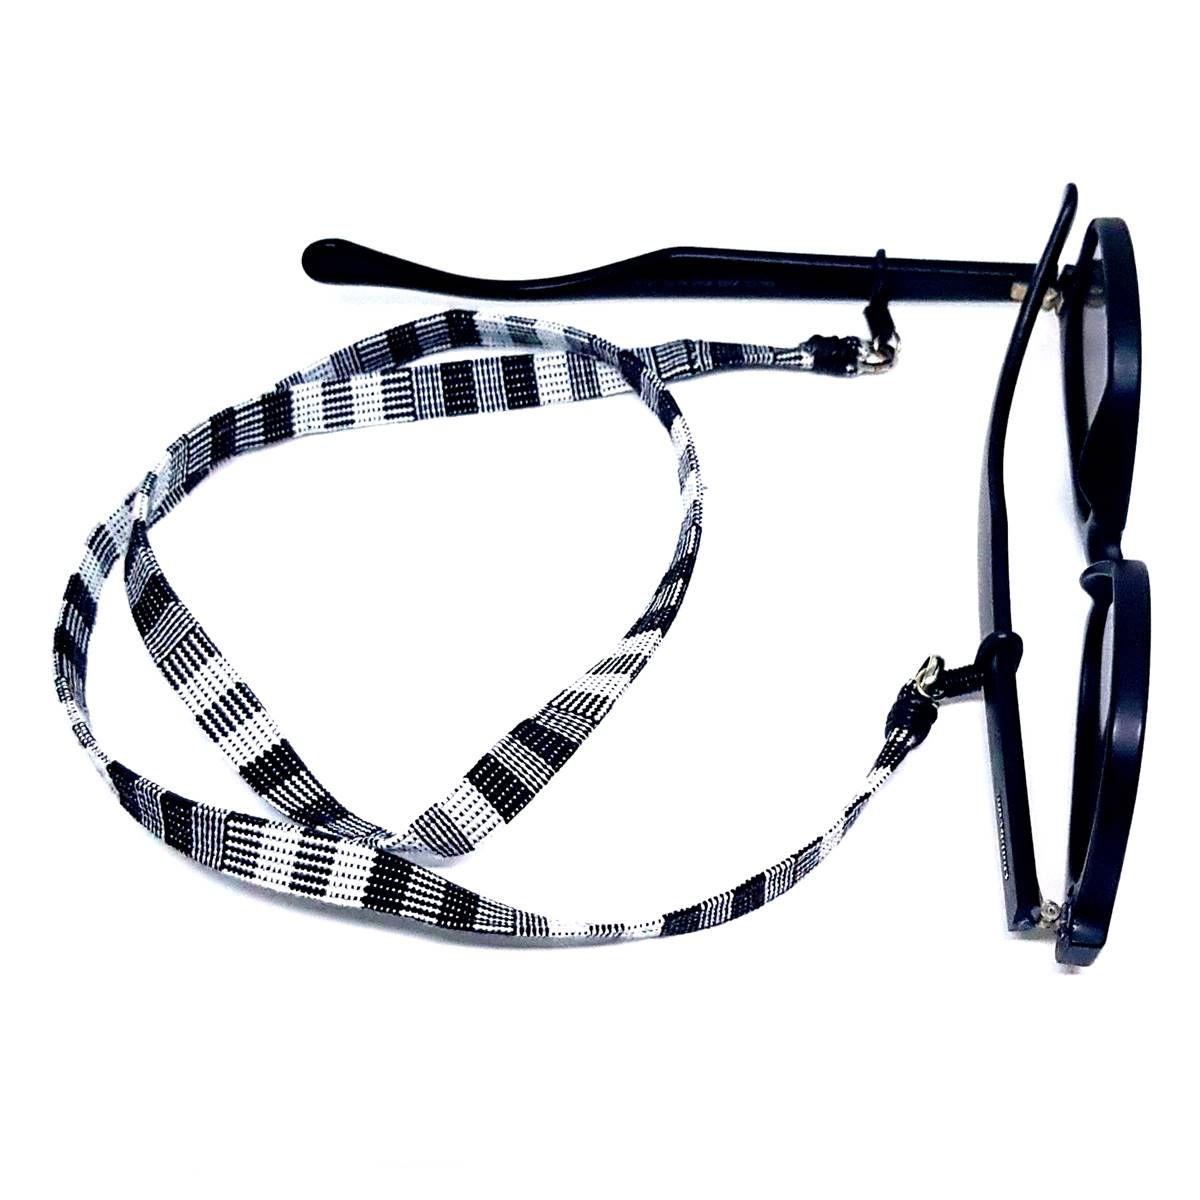 Cordão para Óculos Étnico Preto e Branco